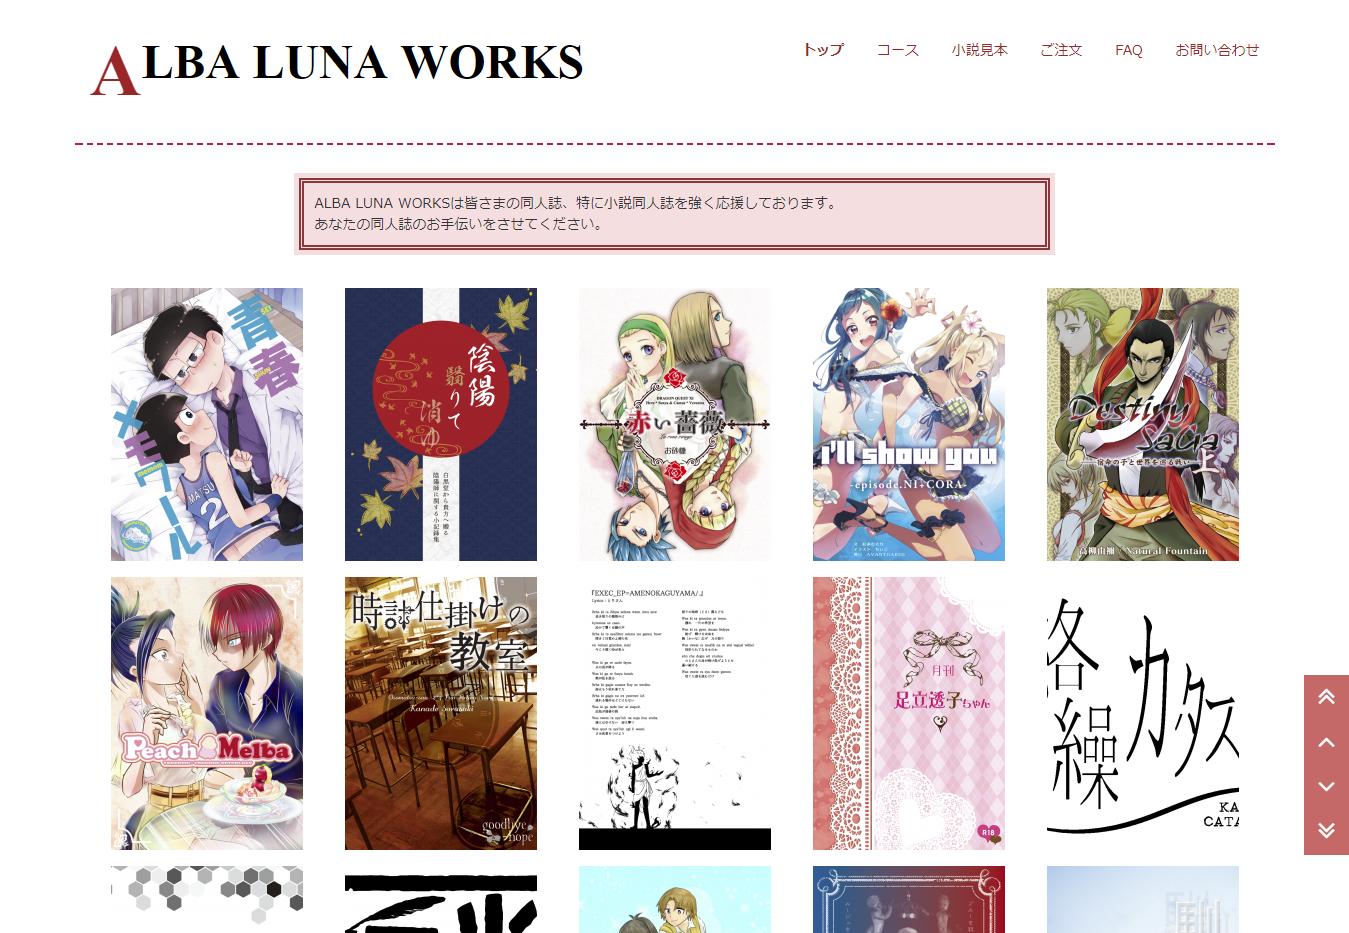 albalunaworks_com